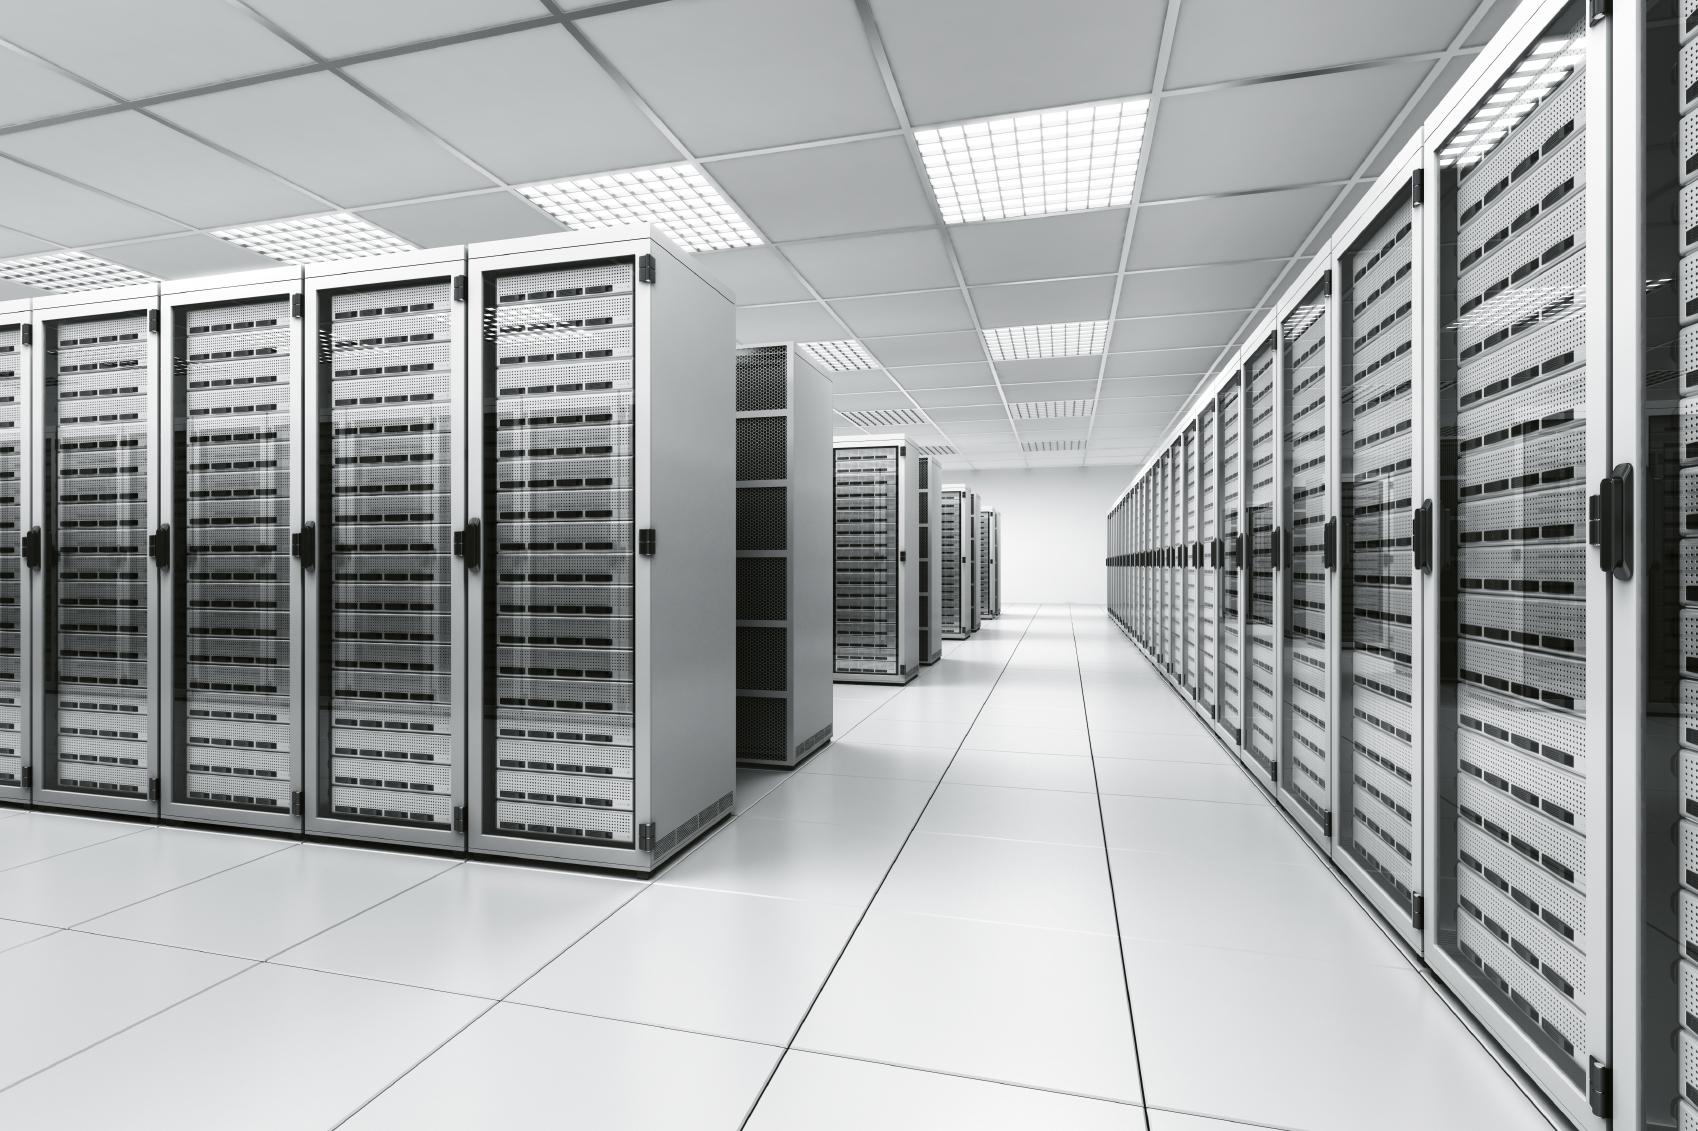 secure server room